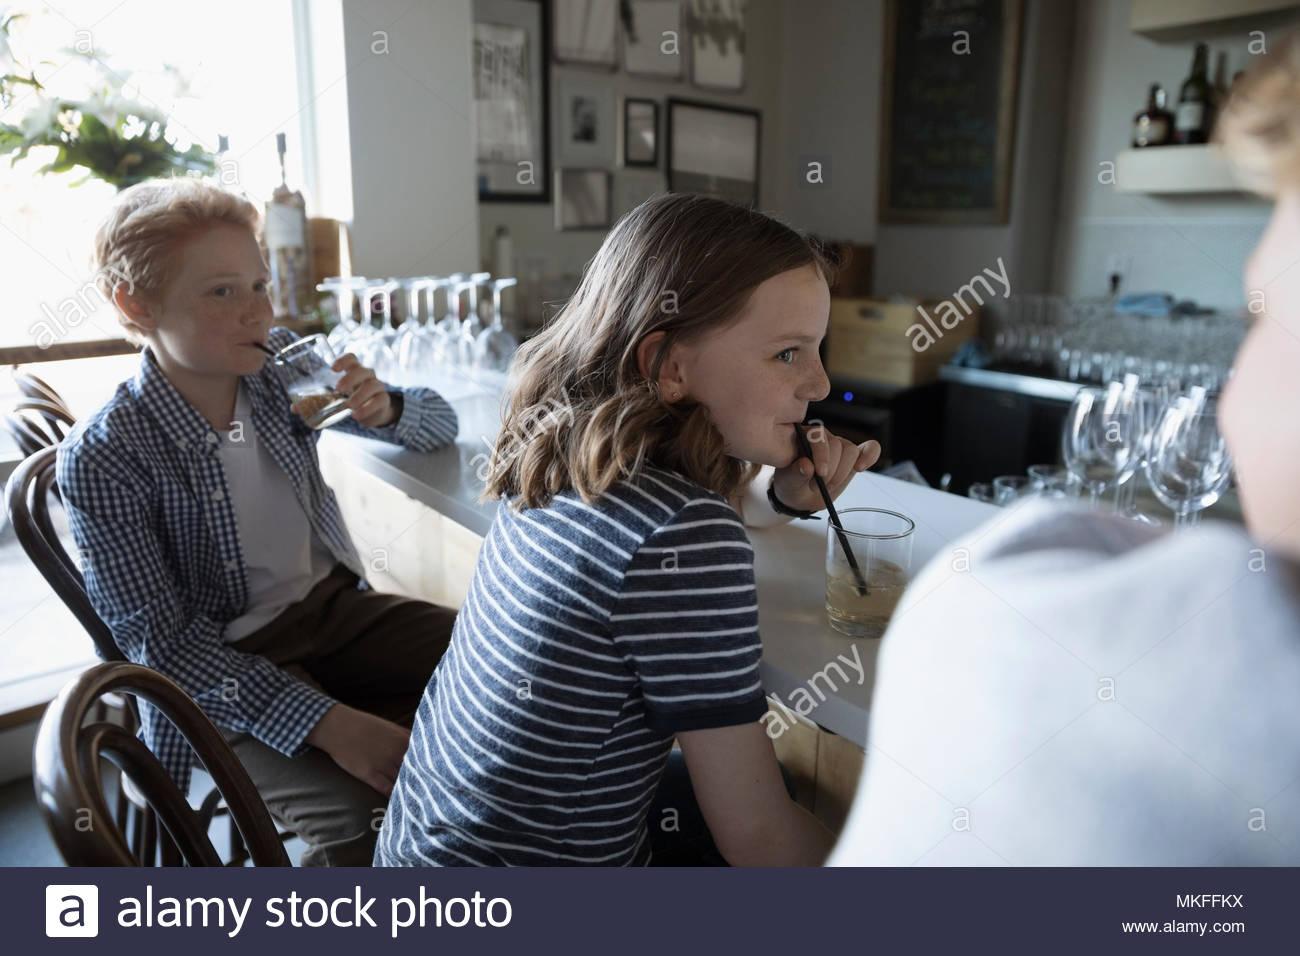 Hermano y hermana bebiendo café Imagen De Stock